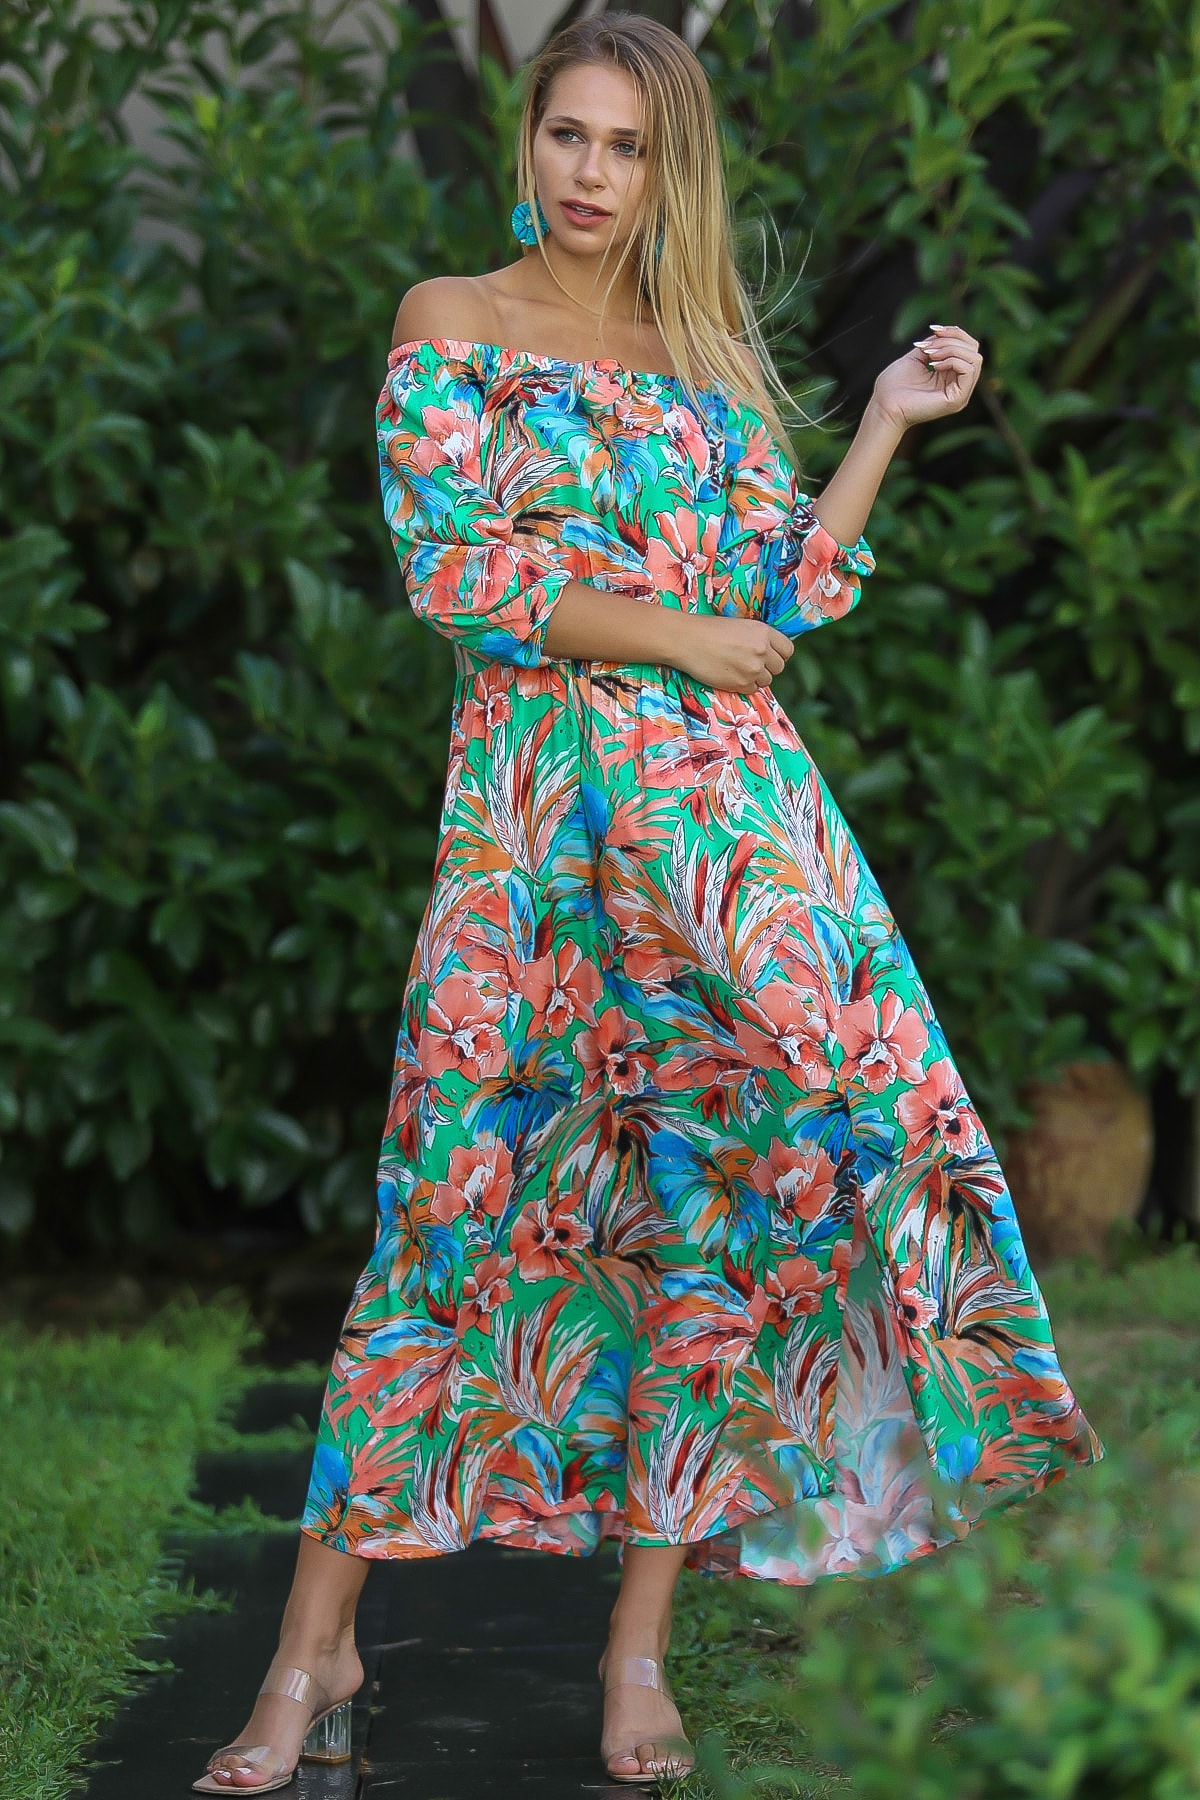 Chiccy Kadın Yeşil Bohem Carmen Yaka Sırtı Fermuar Detaylı Yırtmaçlı Uzun Elbise M10160000El96499 2